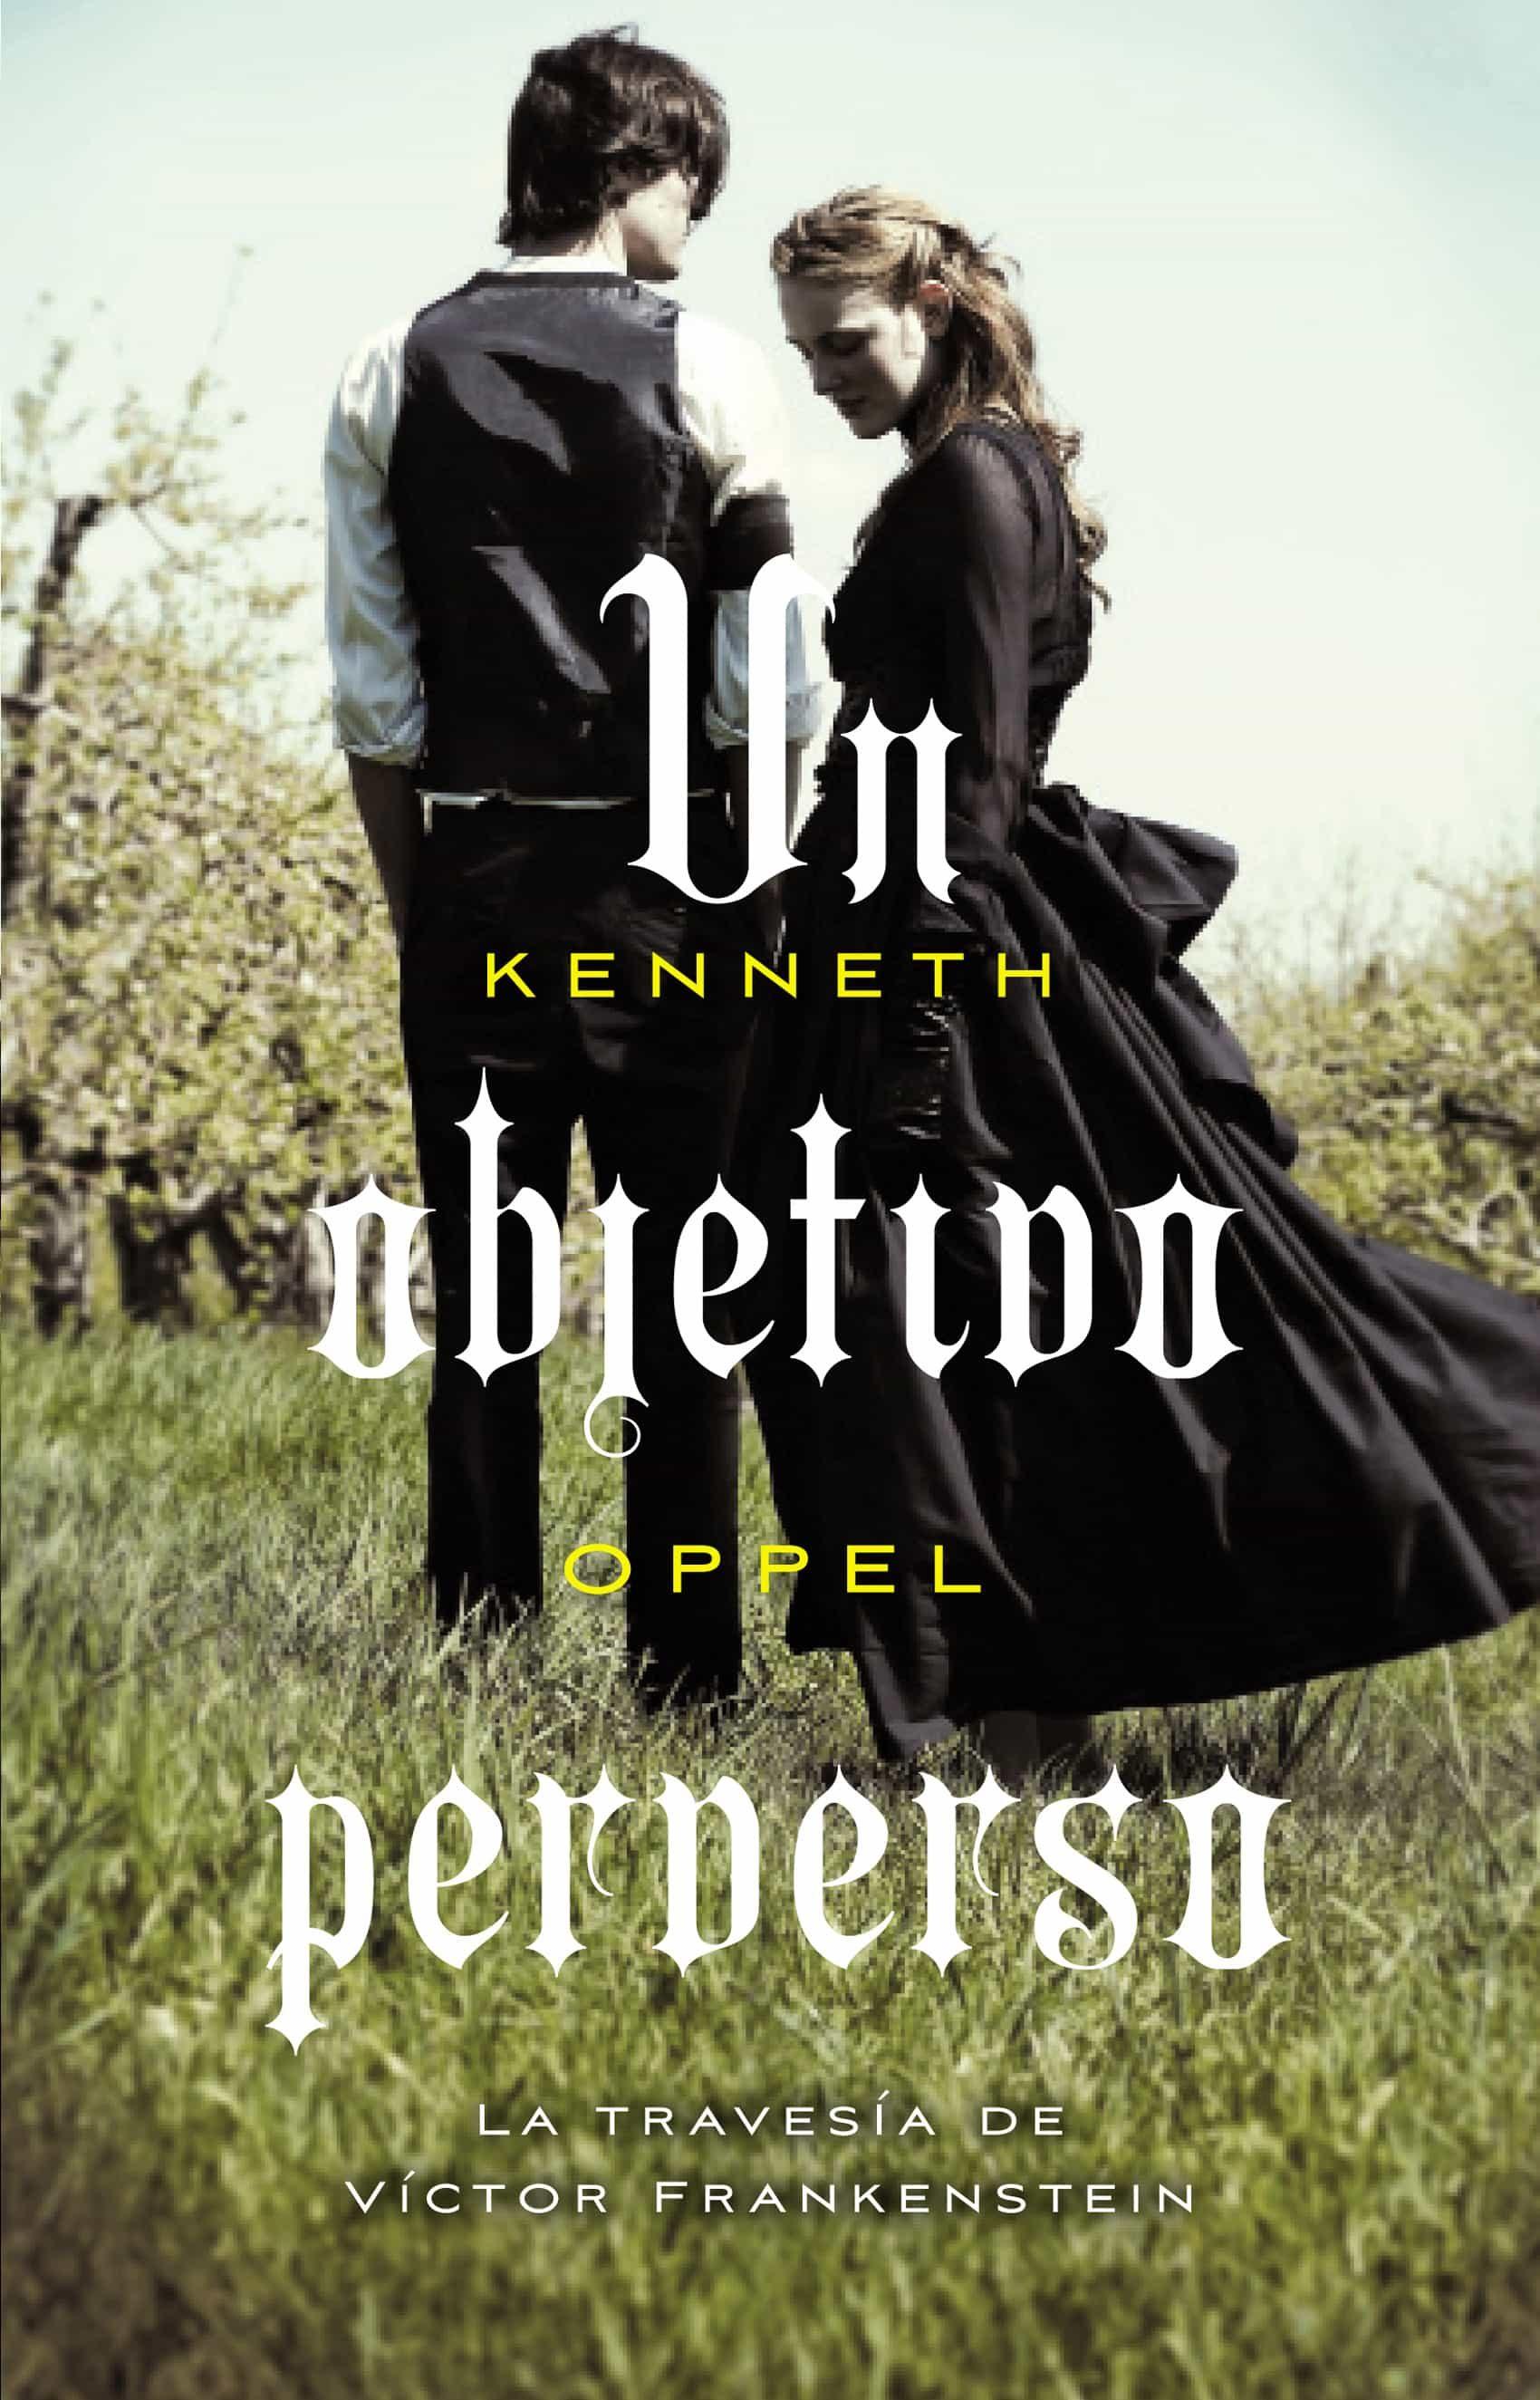 Resultado de imagen para KENNETH OPPEL LIBROS